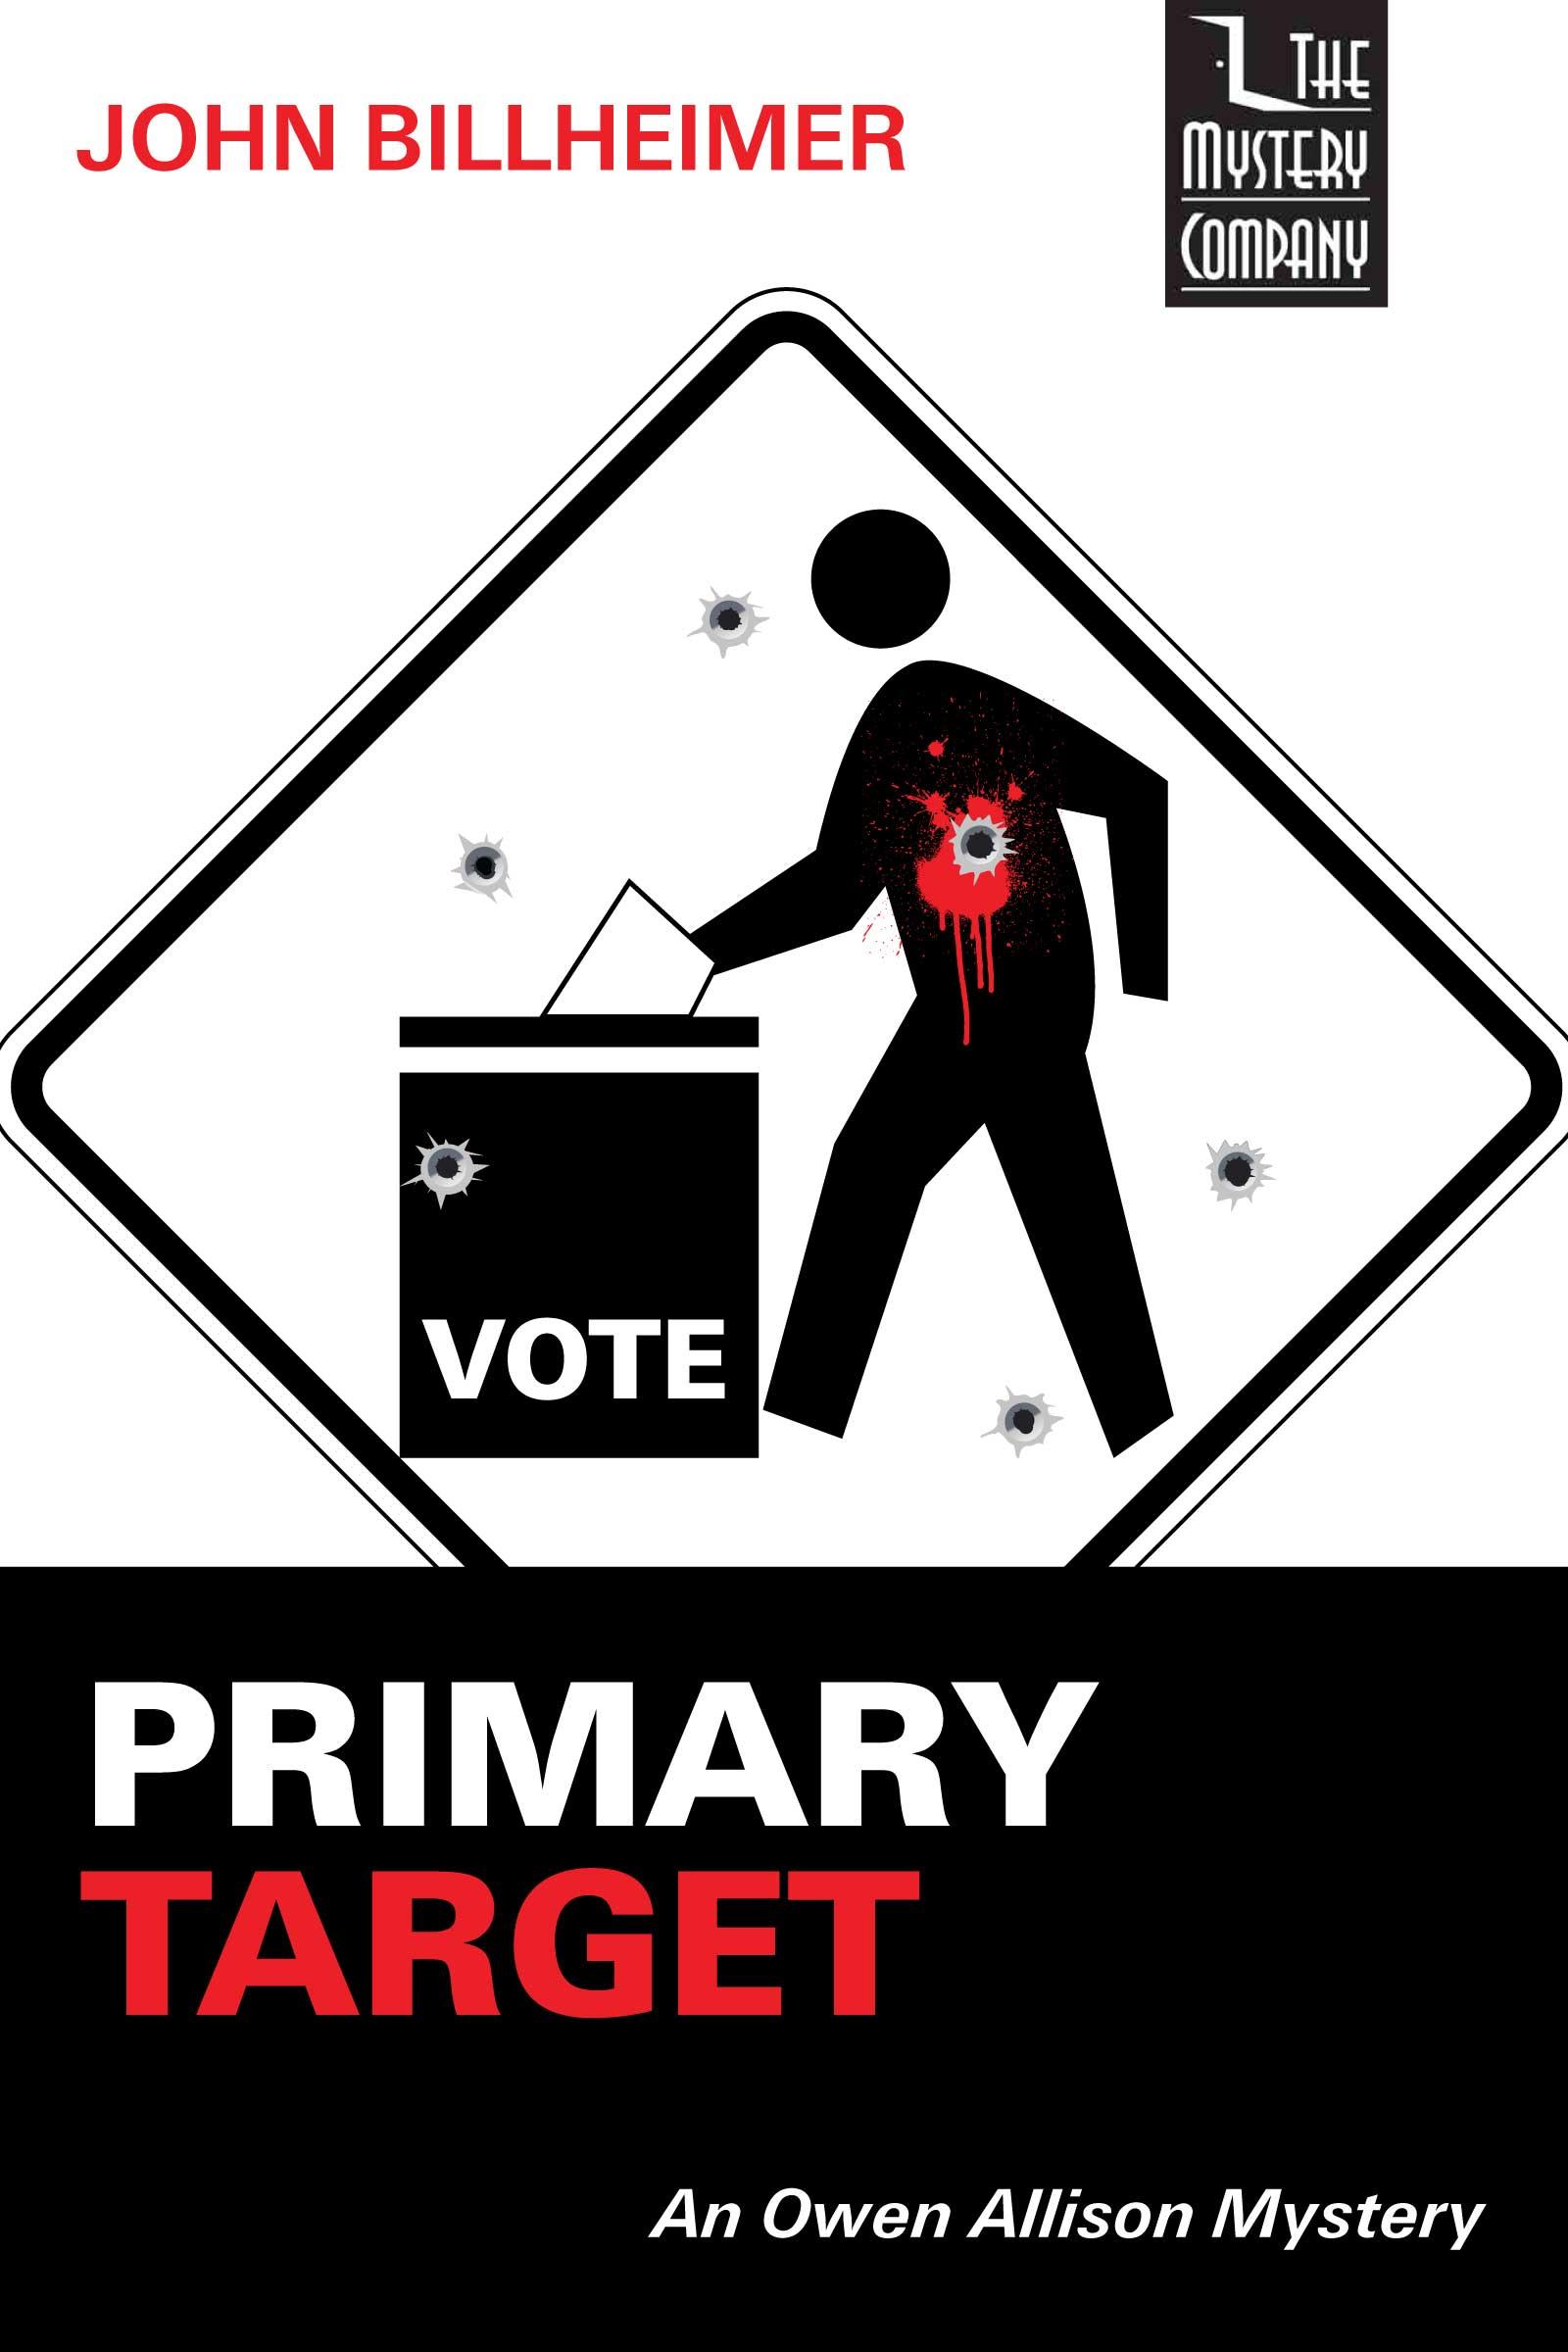 PrimaryTarget_v4A.jpg